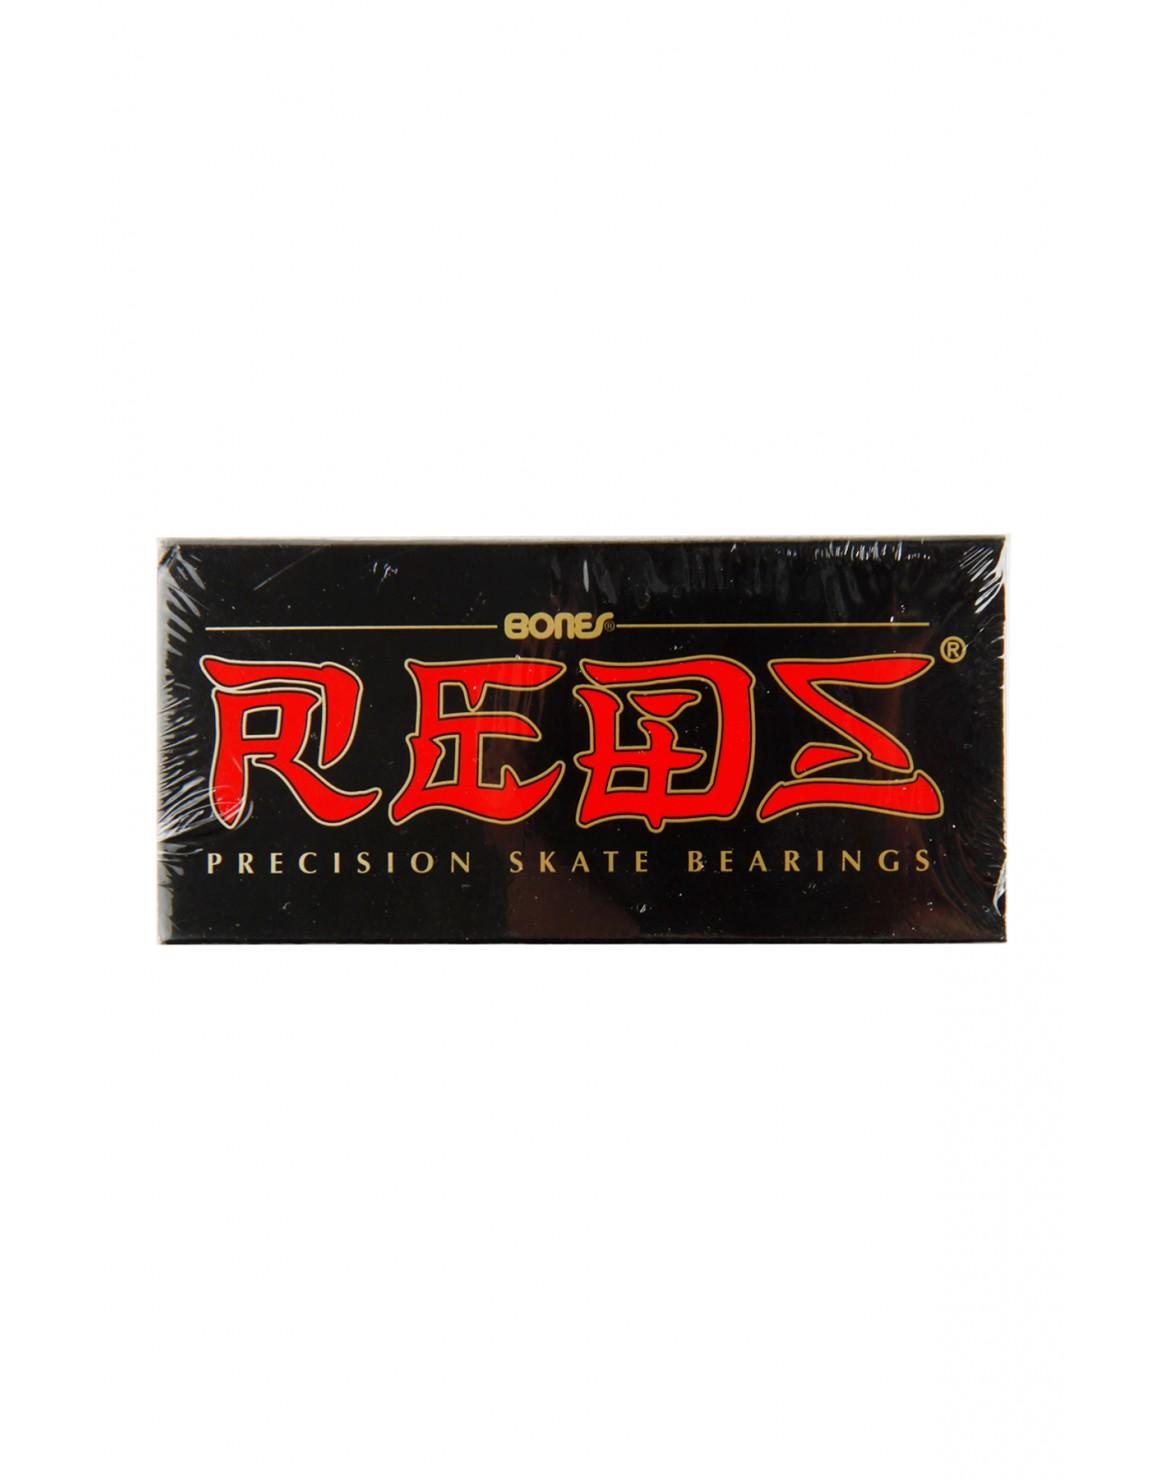 Precision Skate Bearings